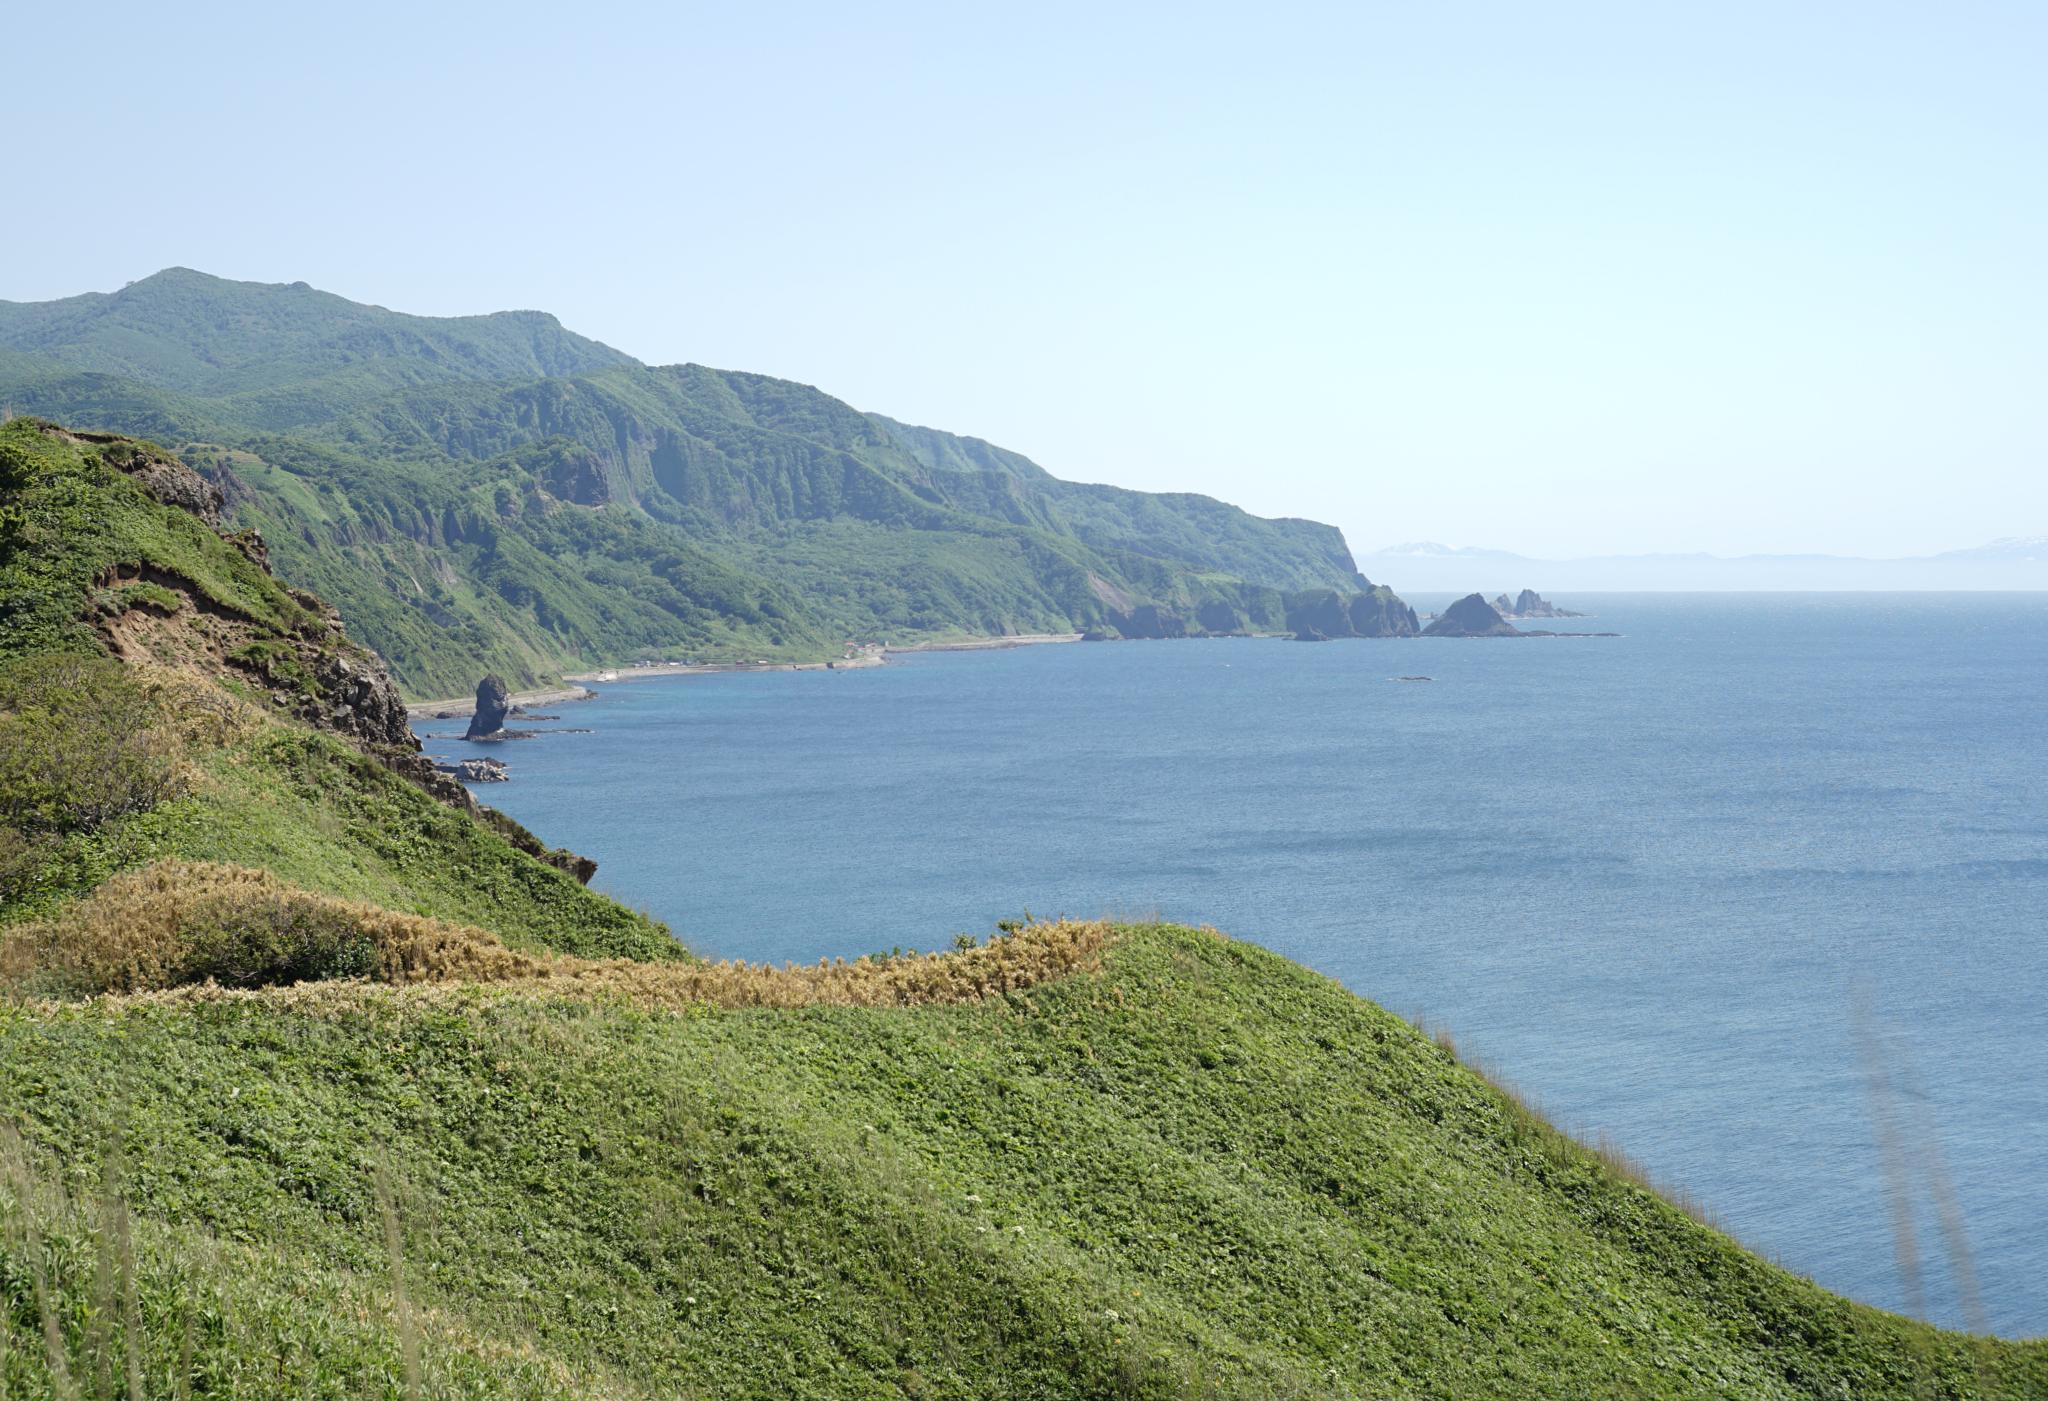 ニセコ積丹小樽海岸国定公園